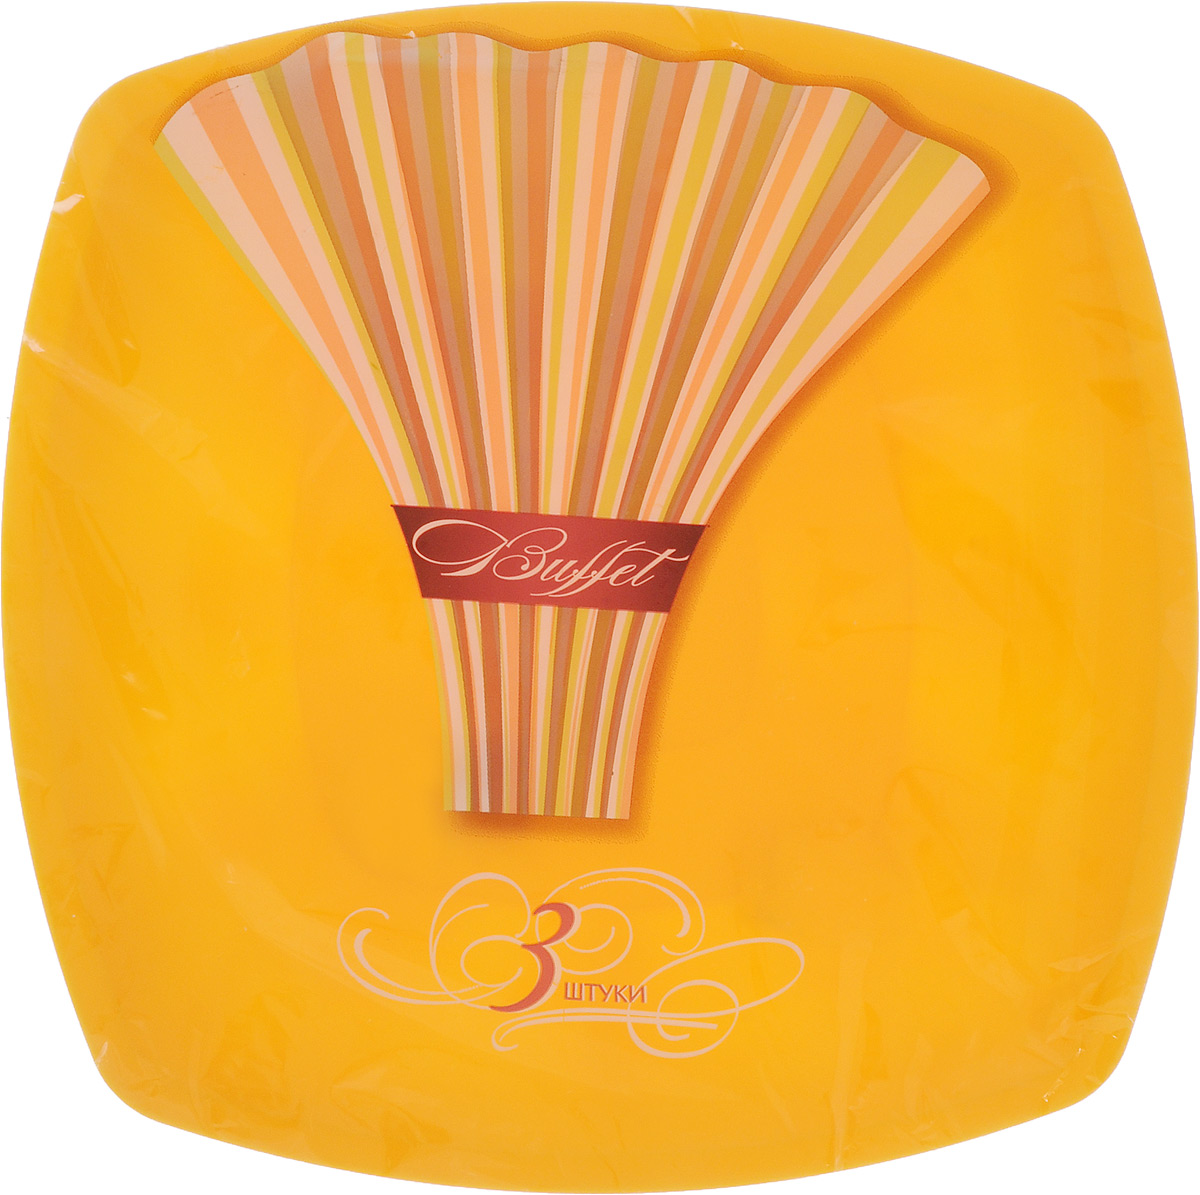 Набор одноразовых тарелок Buffet, цвет: желтый, 30 х 30 см, 3 штVT-1520(SR)Набор Buffet состоит из 3 квадратных тарелок, выполненных из полипропилена и предназначенных для одноразового использования. Одноразовые тарелки будут незаменимы при поездках на природу, пикниках и других мероприятиях. Они не займут много места, легки и самое главное - после использования их не надо мыть.Размер тарелки (по верхнему краю): 30 х 30 см.Высота тарелки: 1 см.